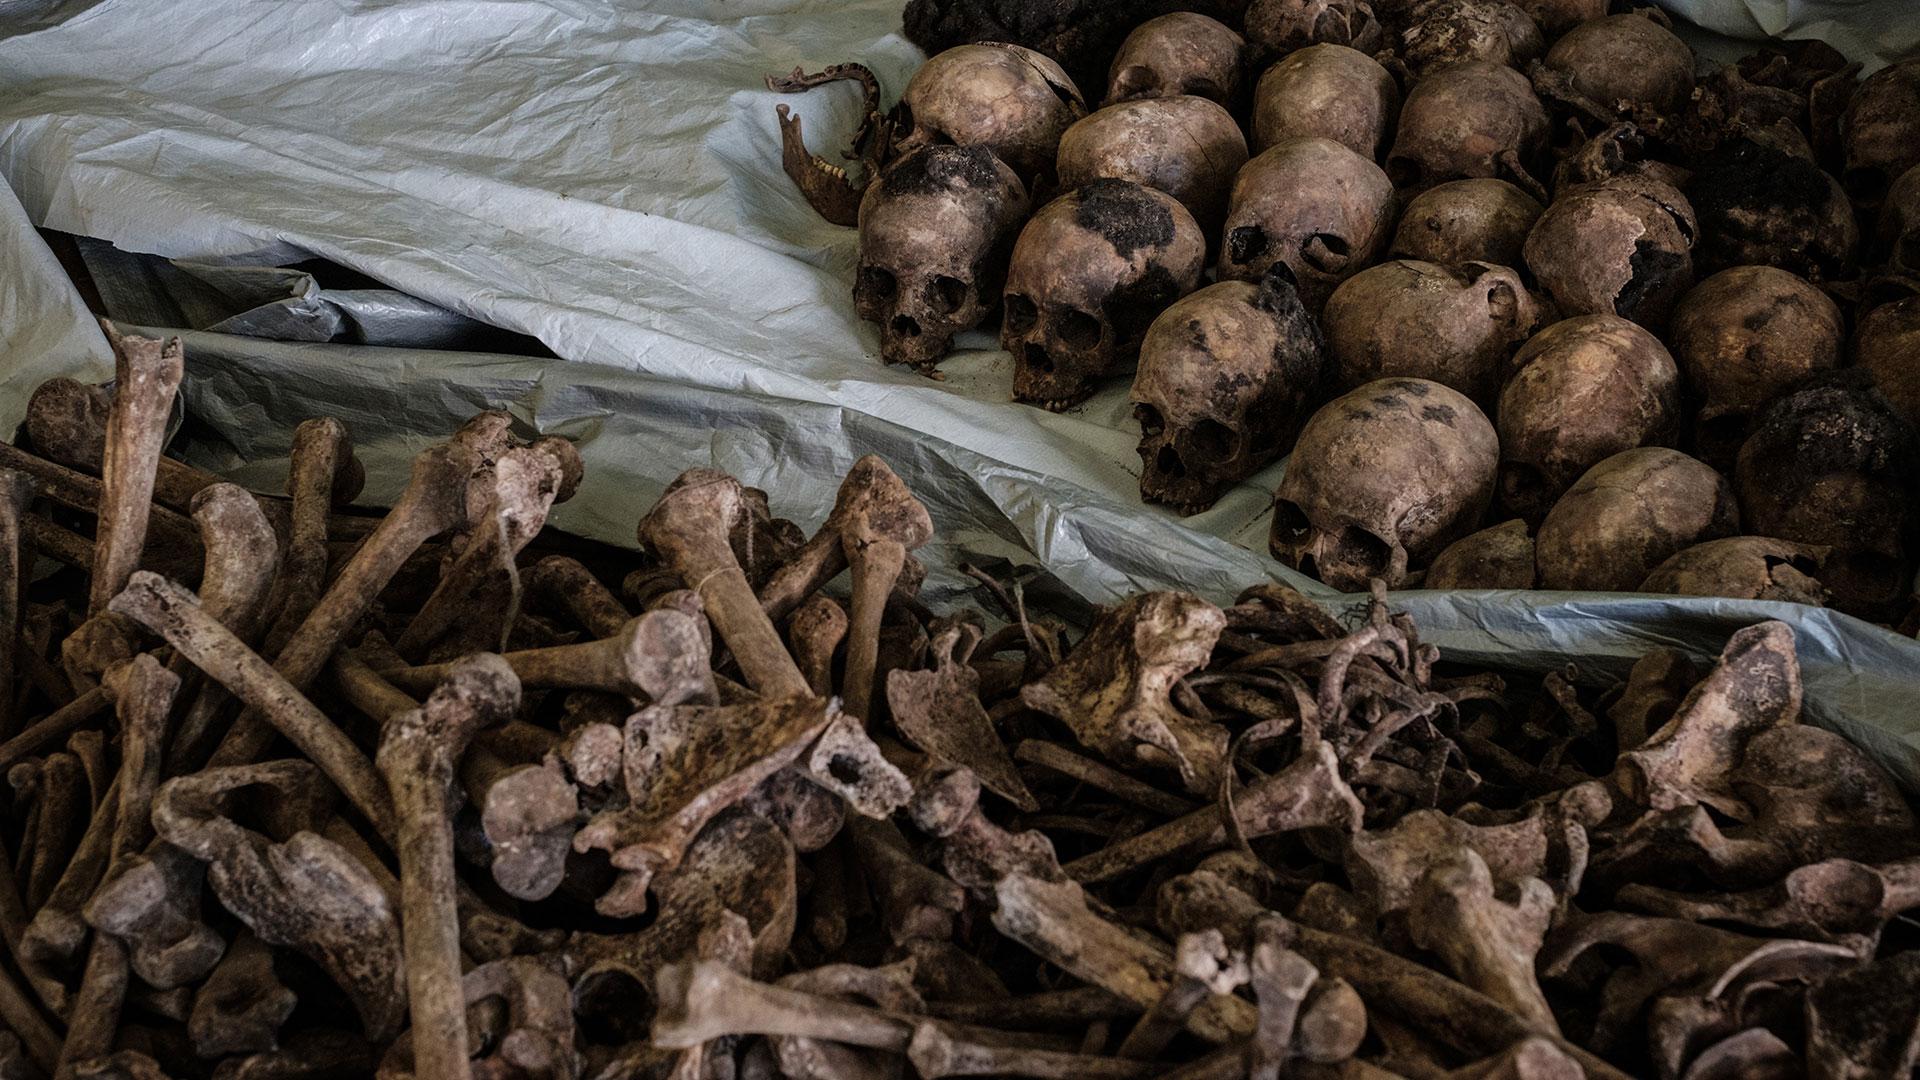 Huesos de víctimas del genocidio encontrados en una fosa común descubierta en abril de 2018 (AFP)